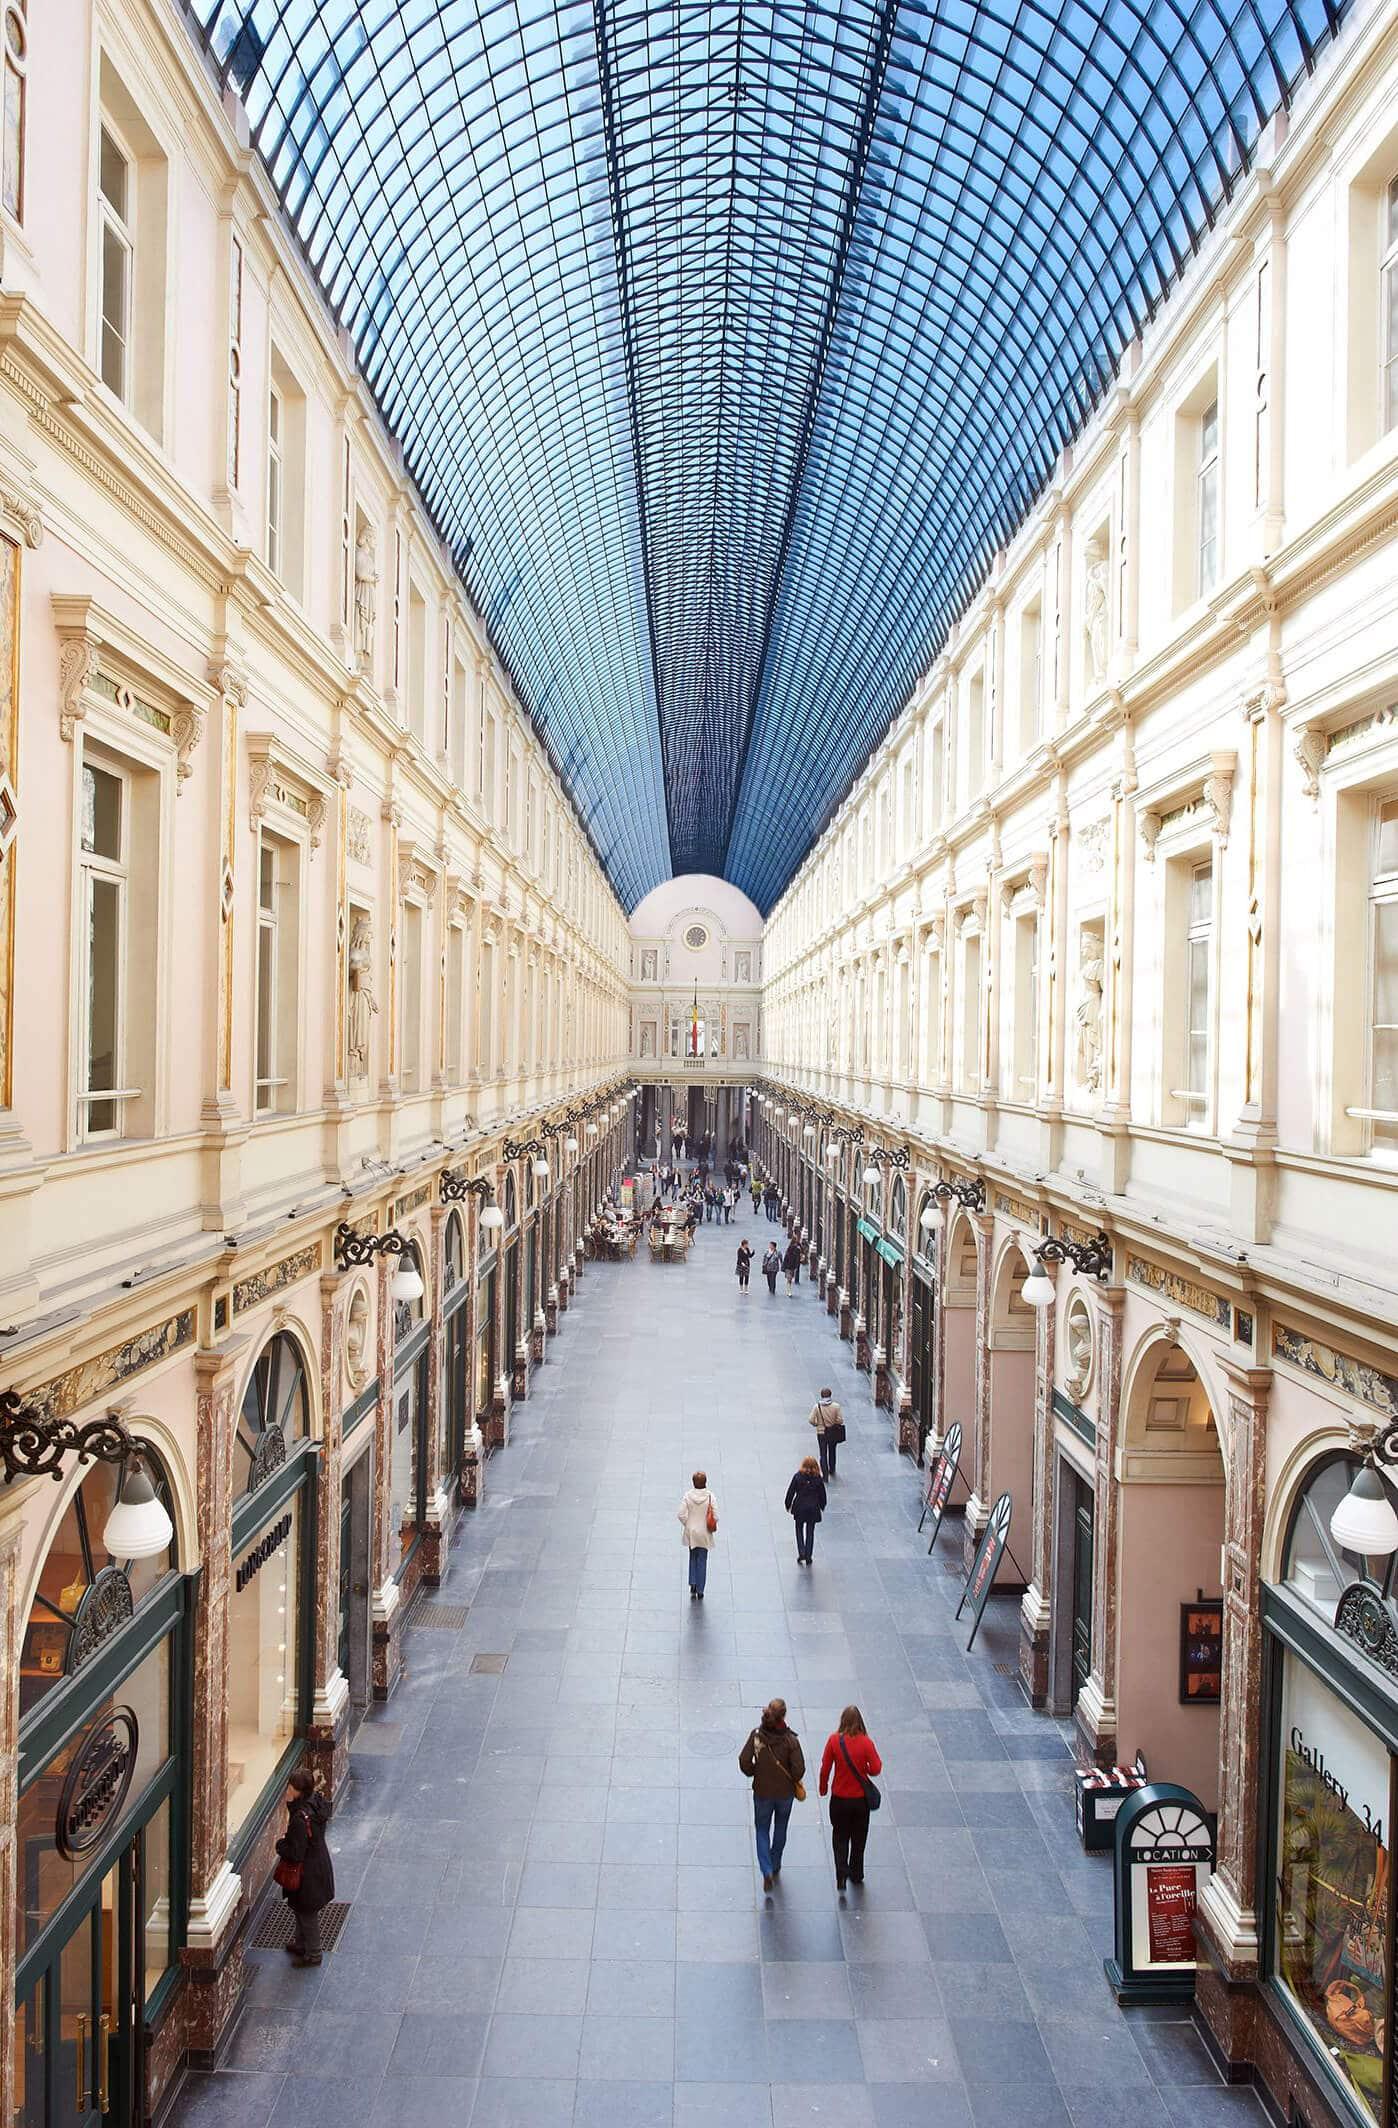 Les Galeries Royales Saint Hubert